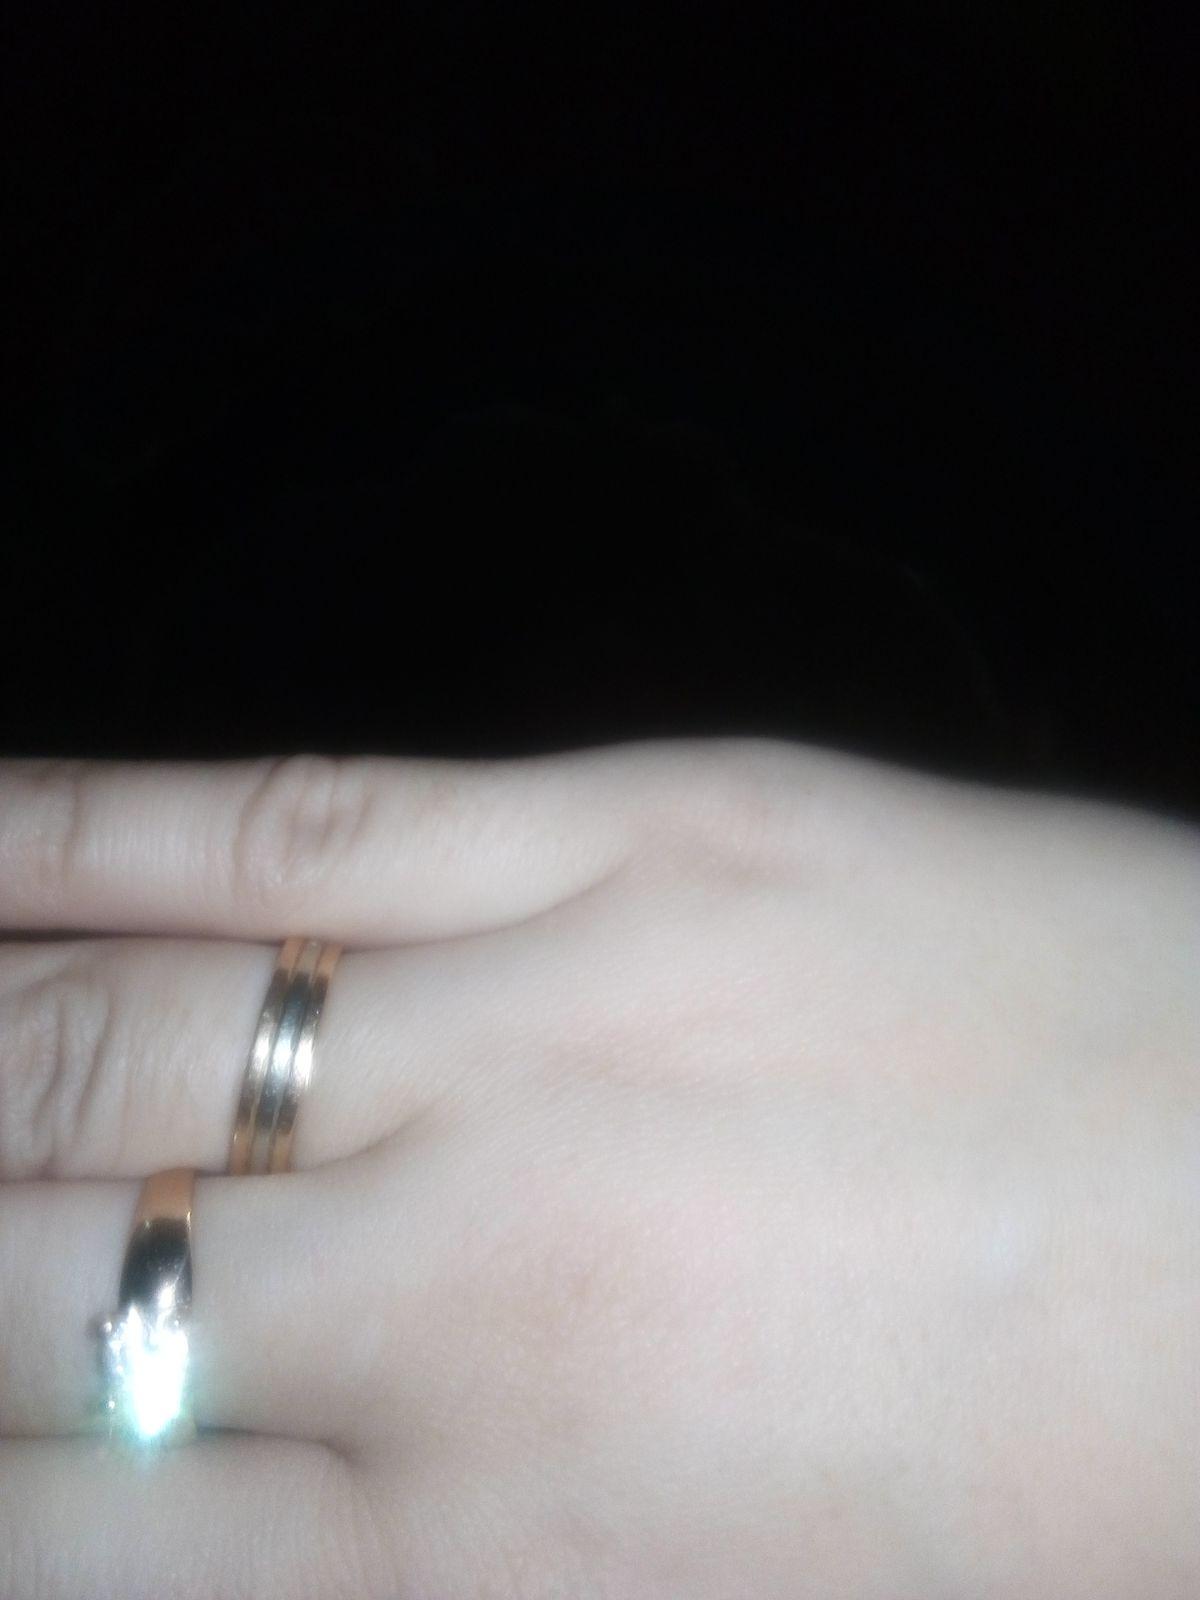 Кольцо с фианитом, на взгляд выглядит очень стильно